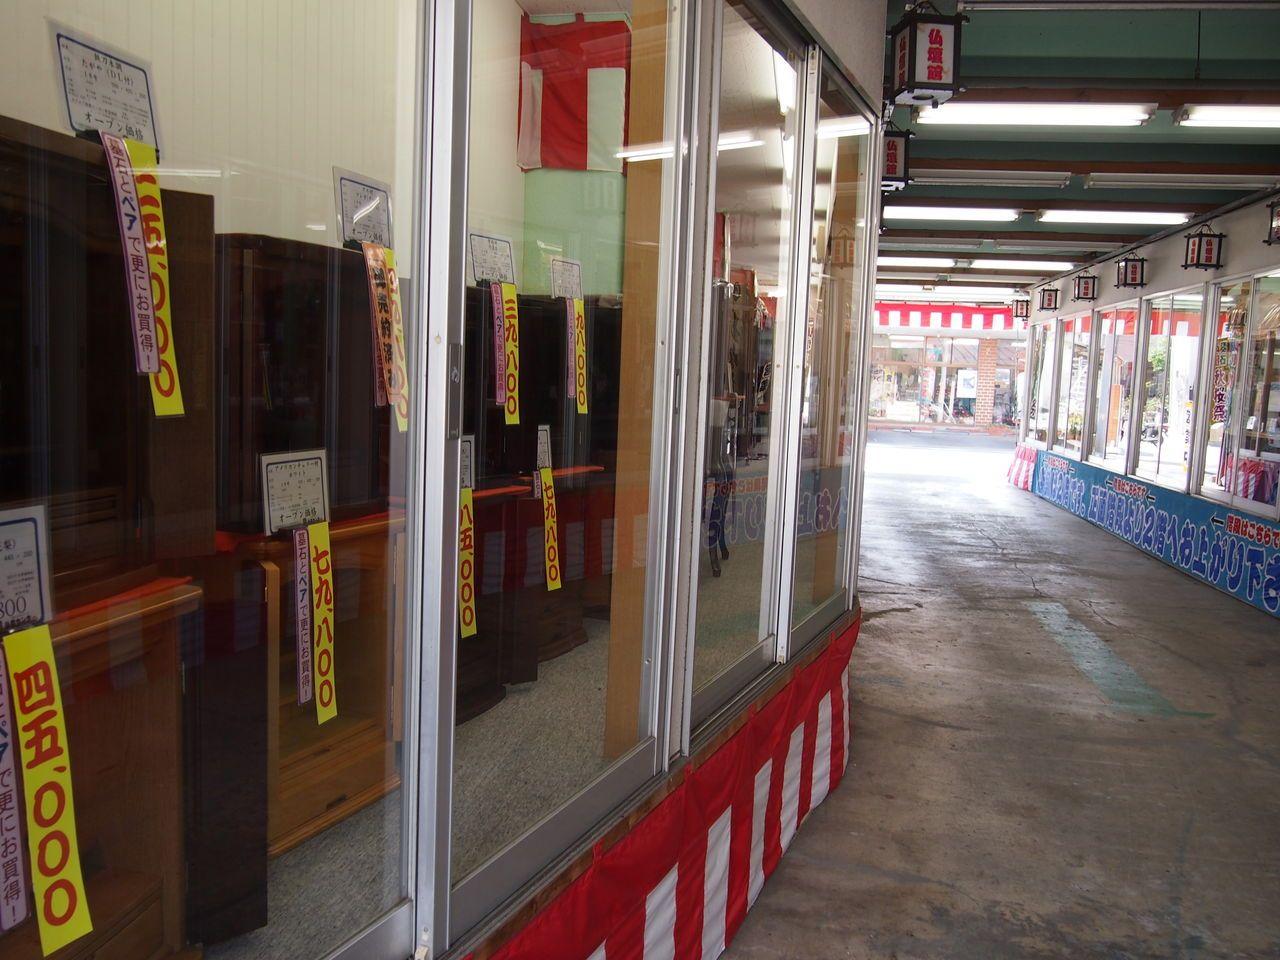 ショーケースに50台の仏壇が並ぶ